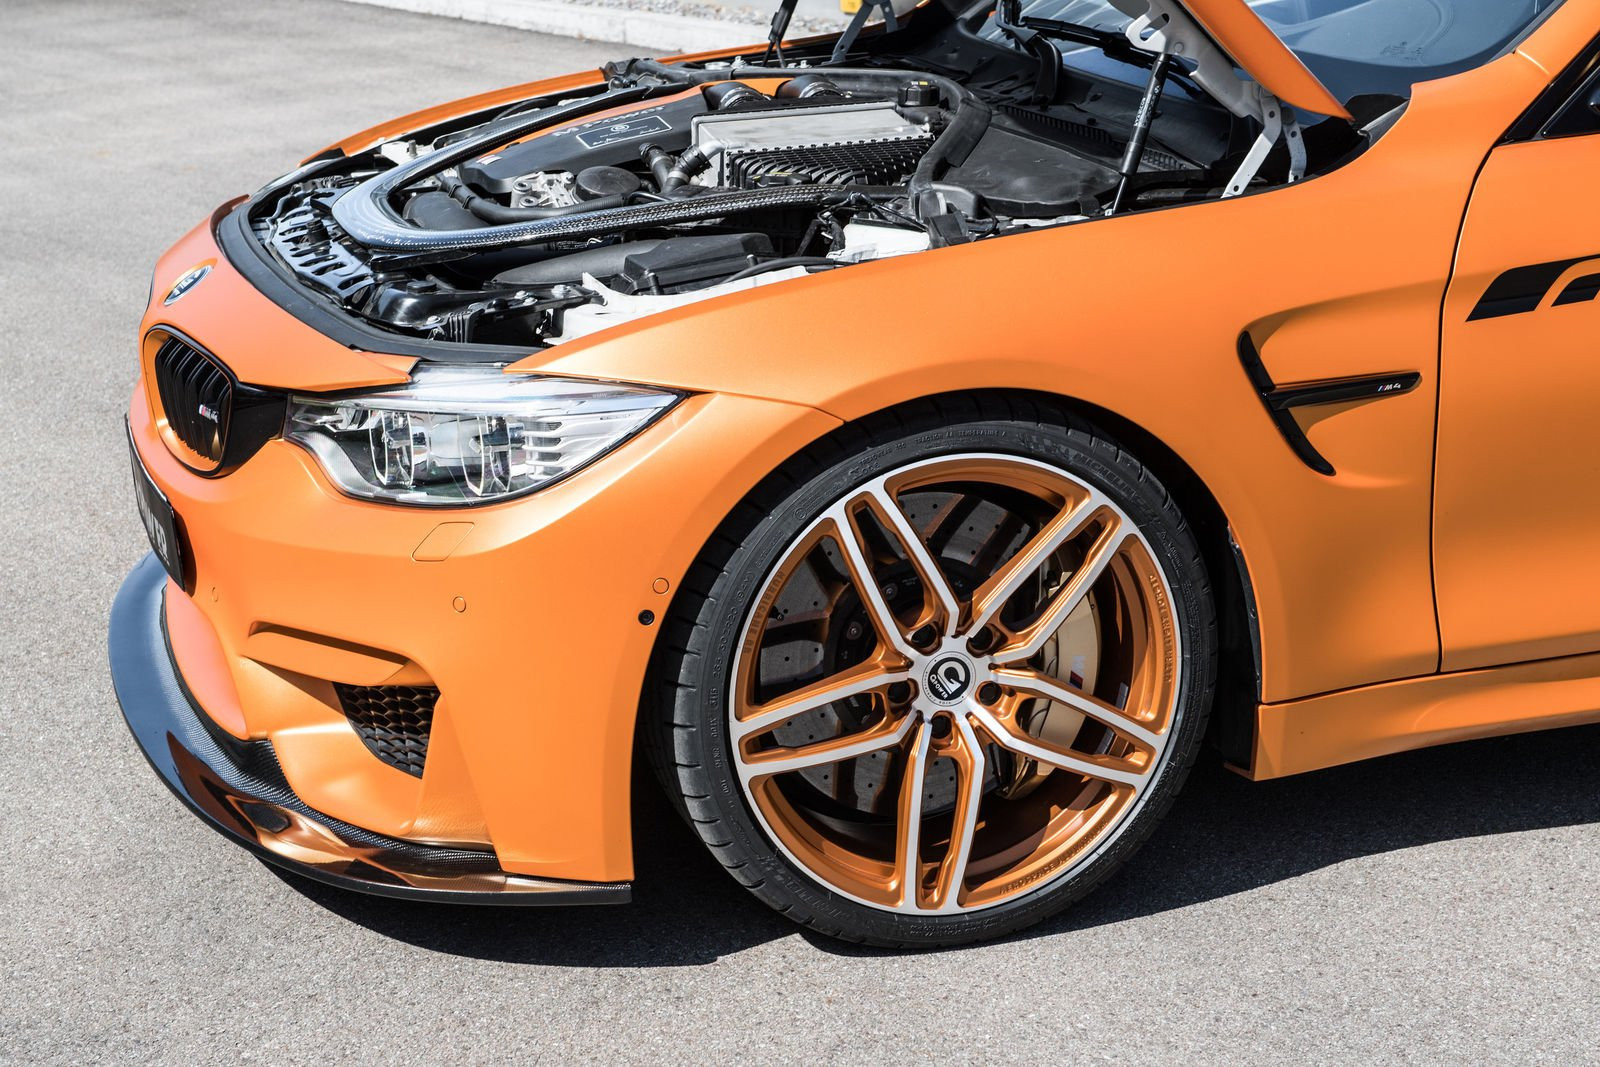 Тюнинг-ателье G-Power презентовало 670-сильный BMW M4